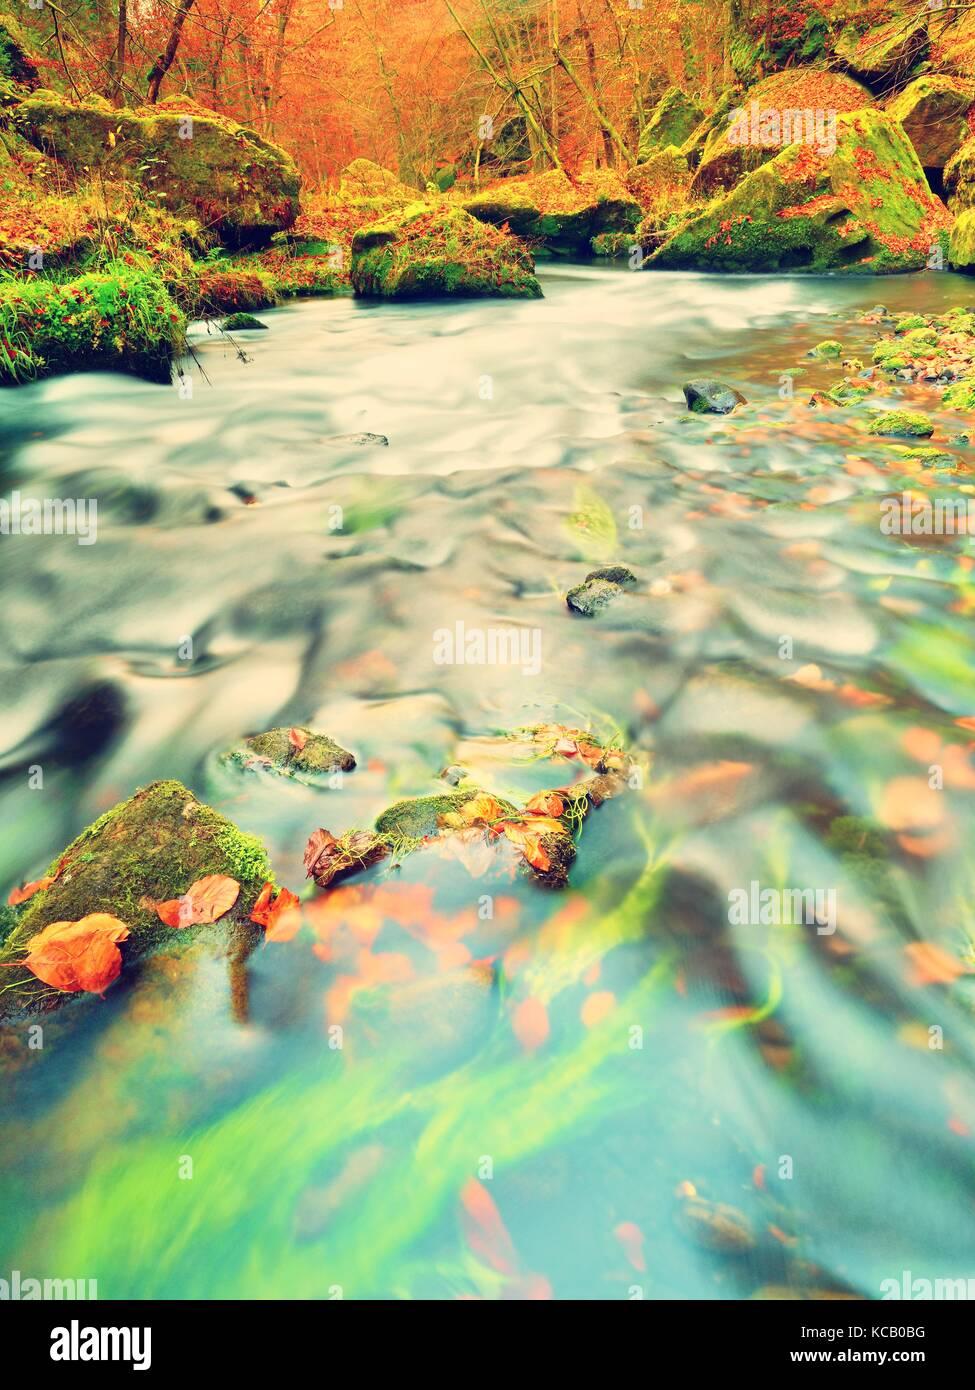 Herbst in der Natur. Farben des Herbstes mountain river. bunte Kies mit Blätter, Blätter Bäume über Stockbild